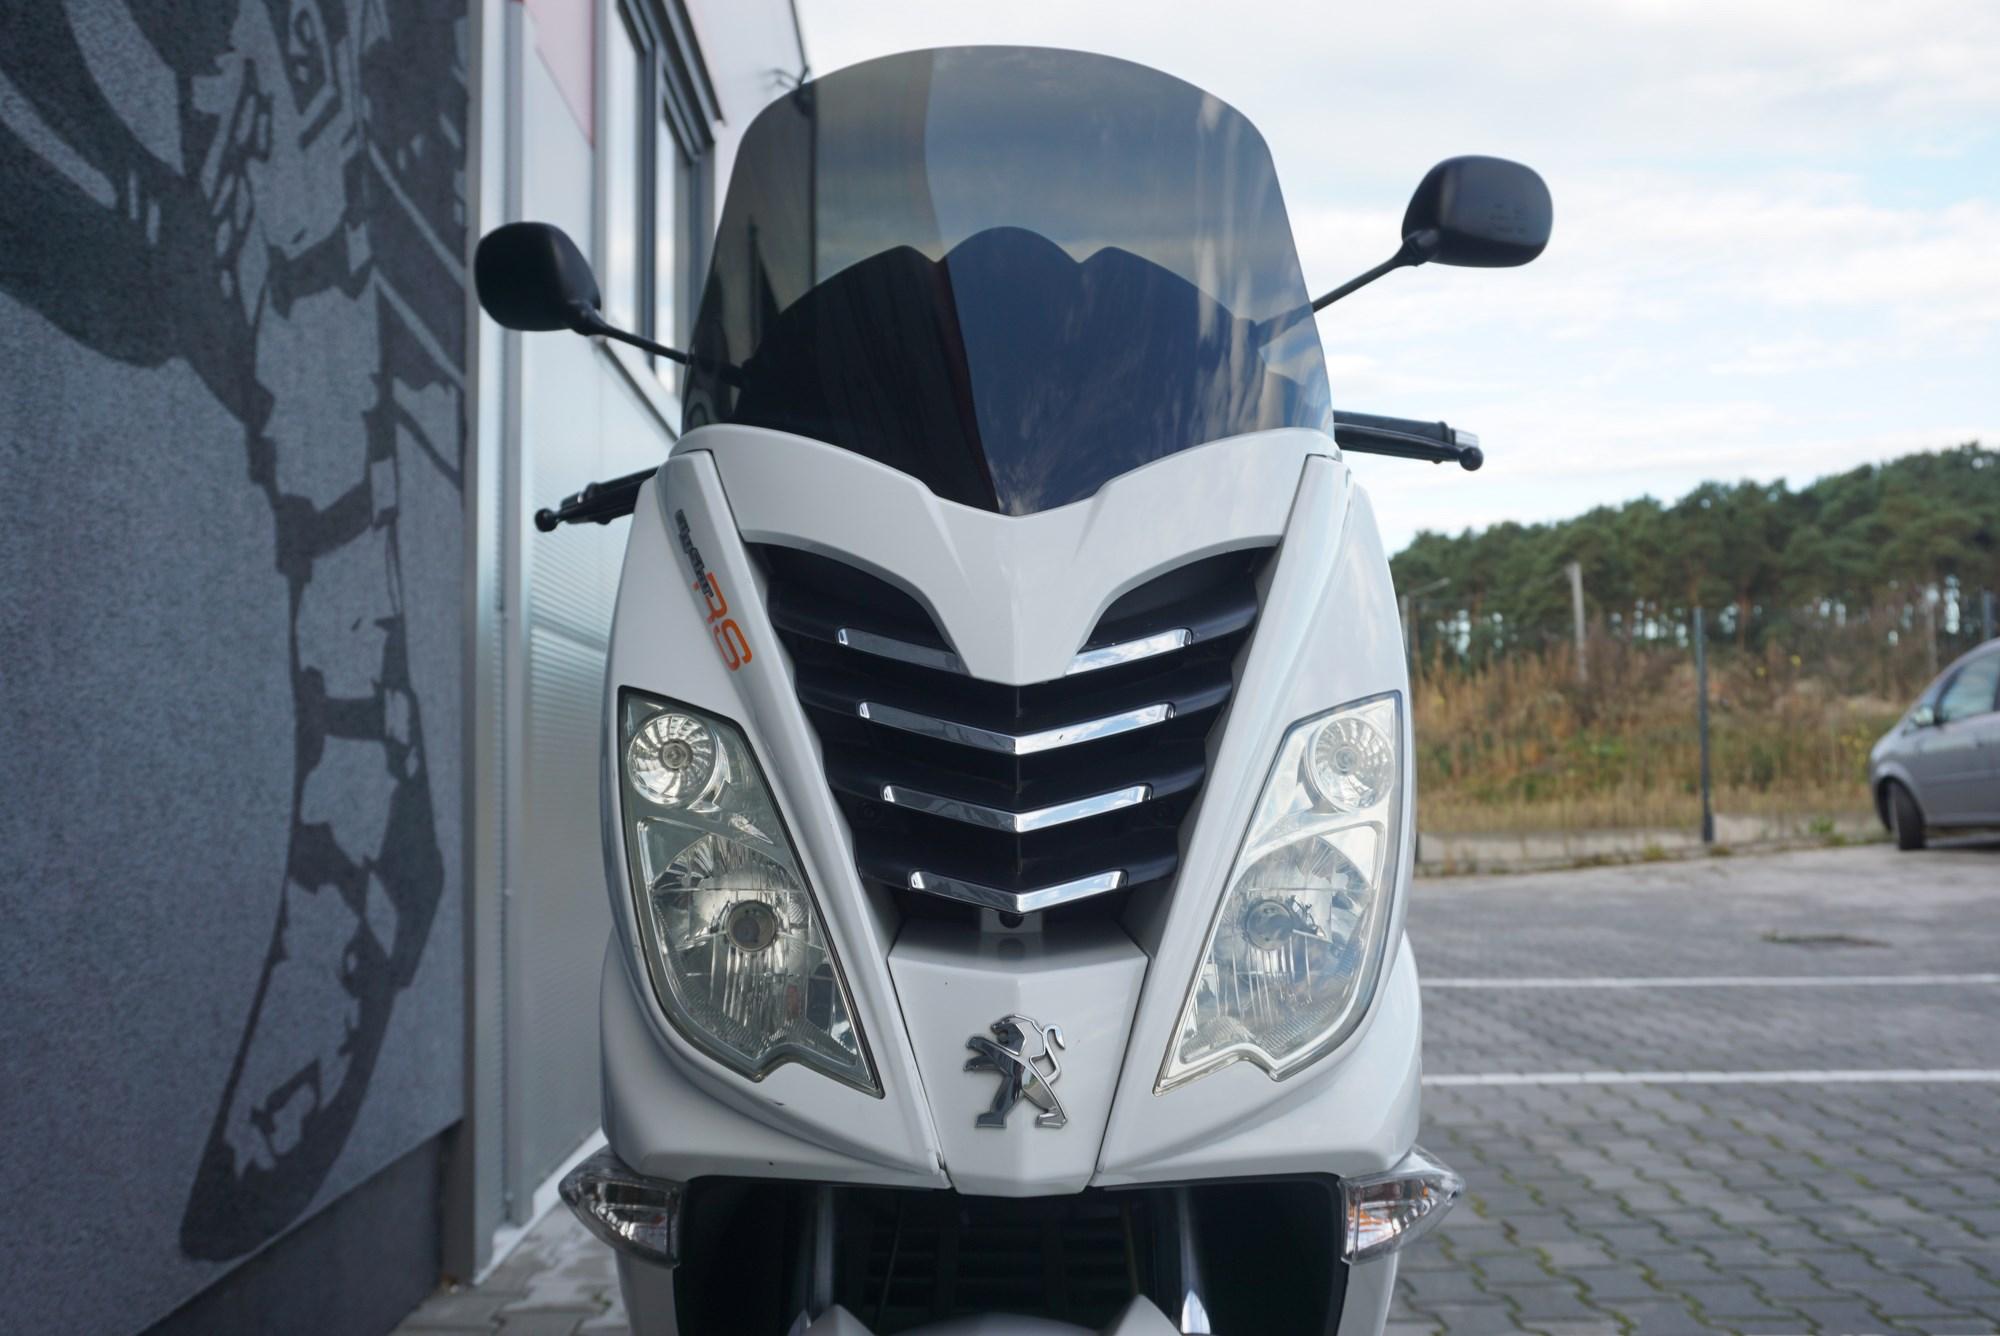 Peugeot Citystar 50